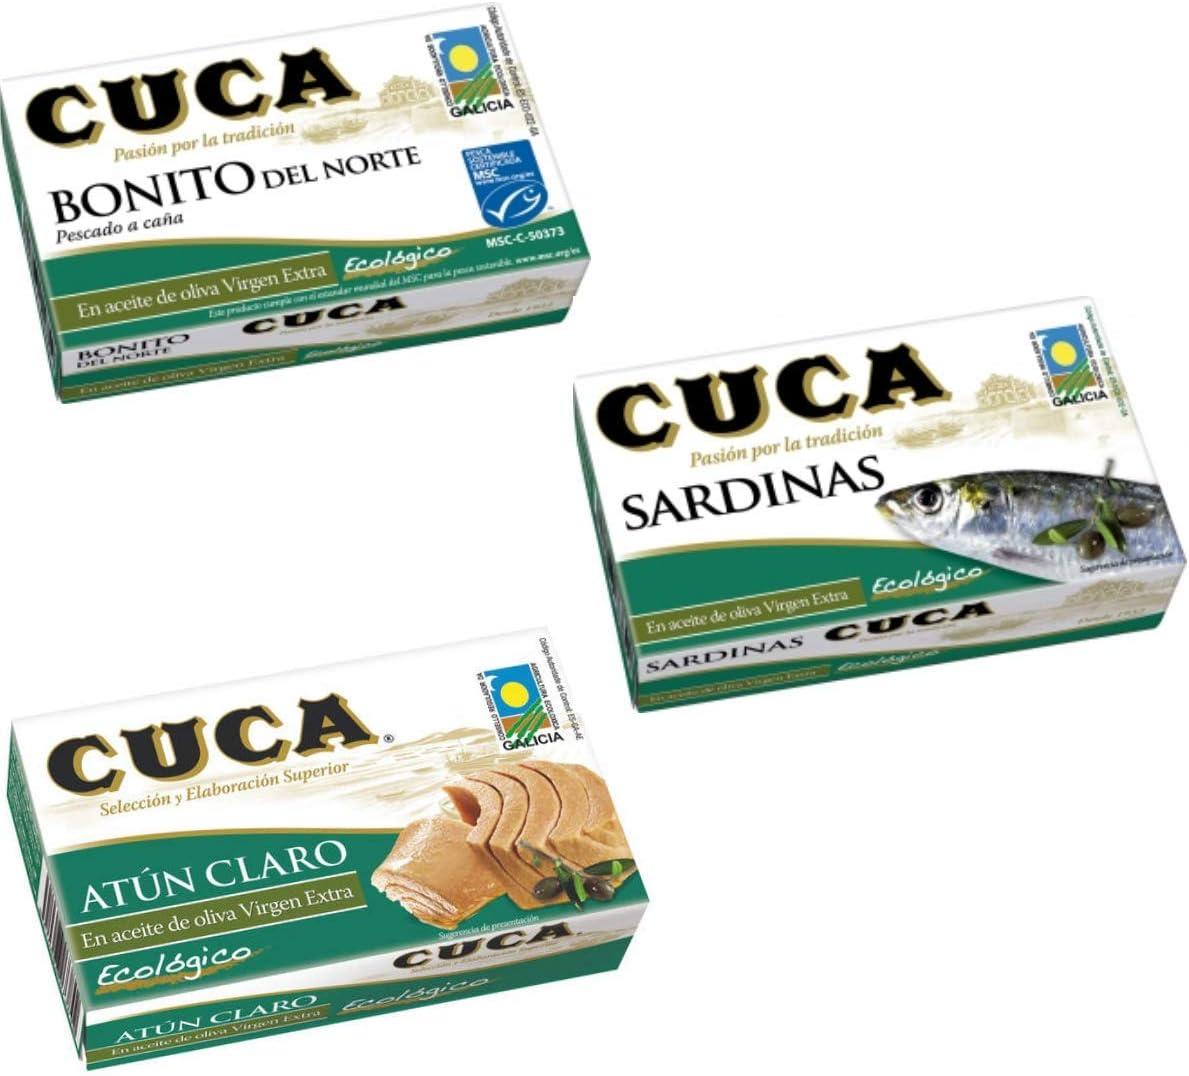 Conservas Ecológicas Cuca - Pack de 3 x 111g - Bonito del Norte ...